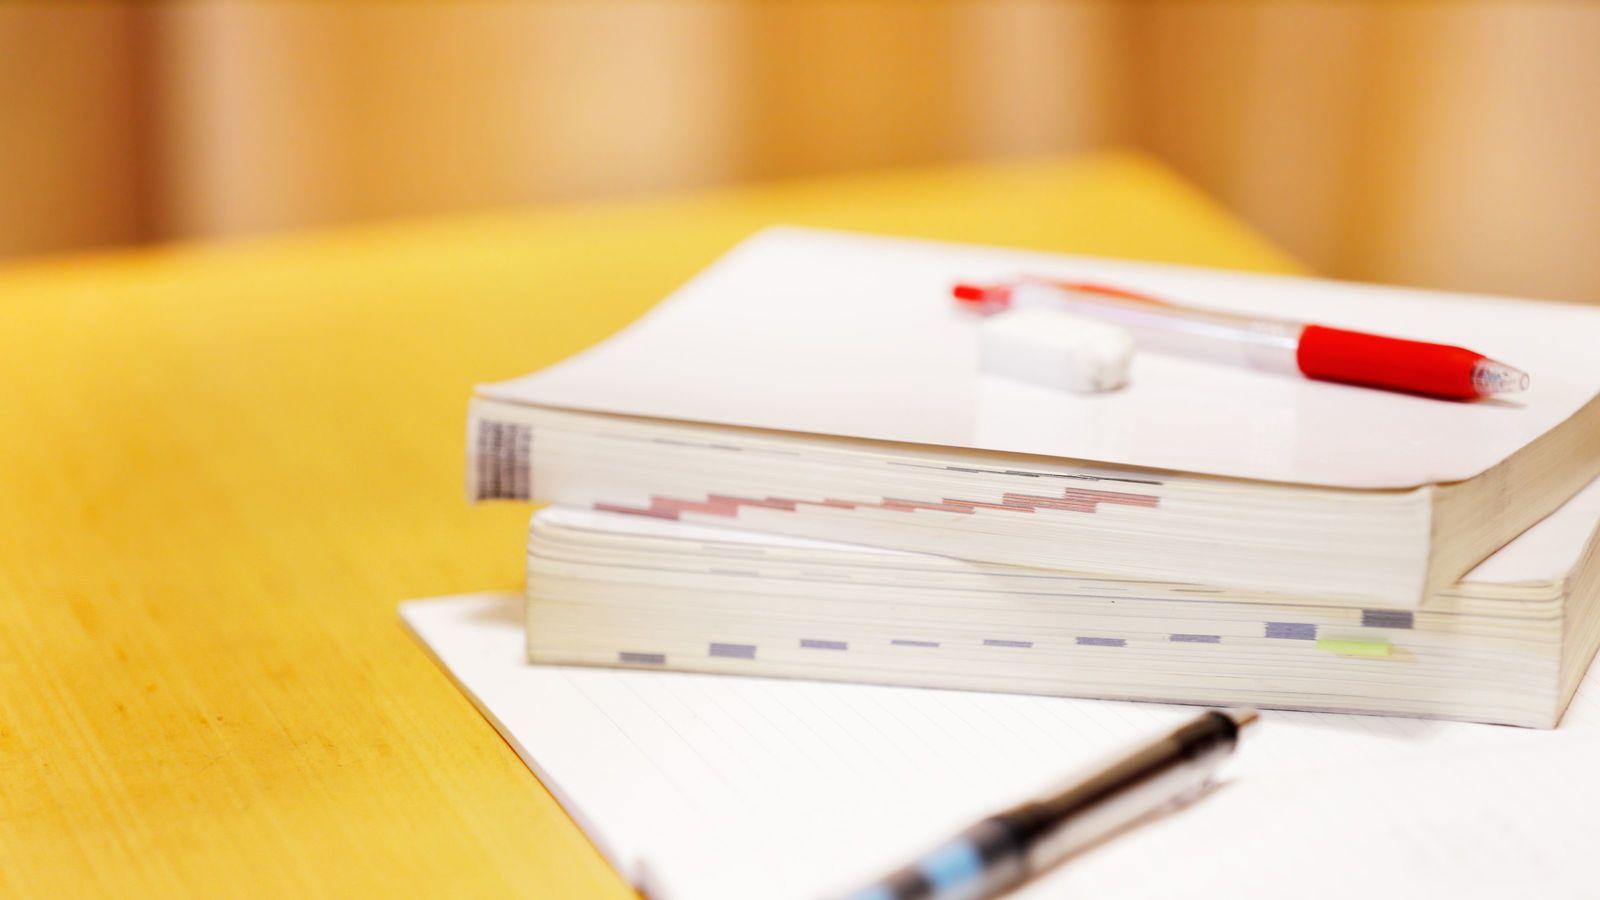 慶應法学部が私大偏差値ランキング首位に躍進した理由 早稲田13学部・慶應10学部の新序列